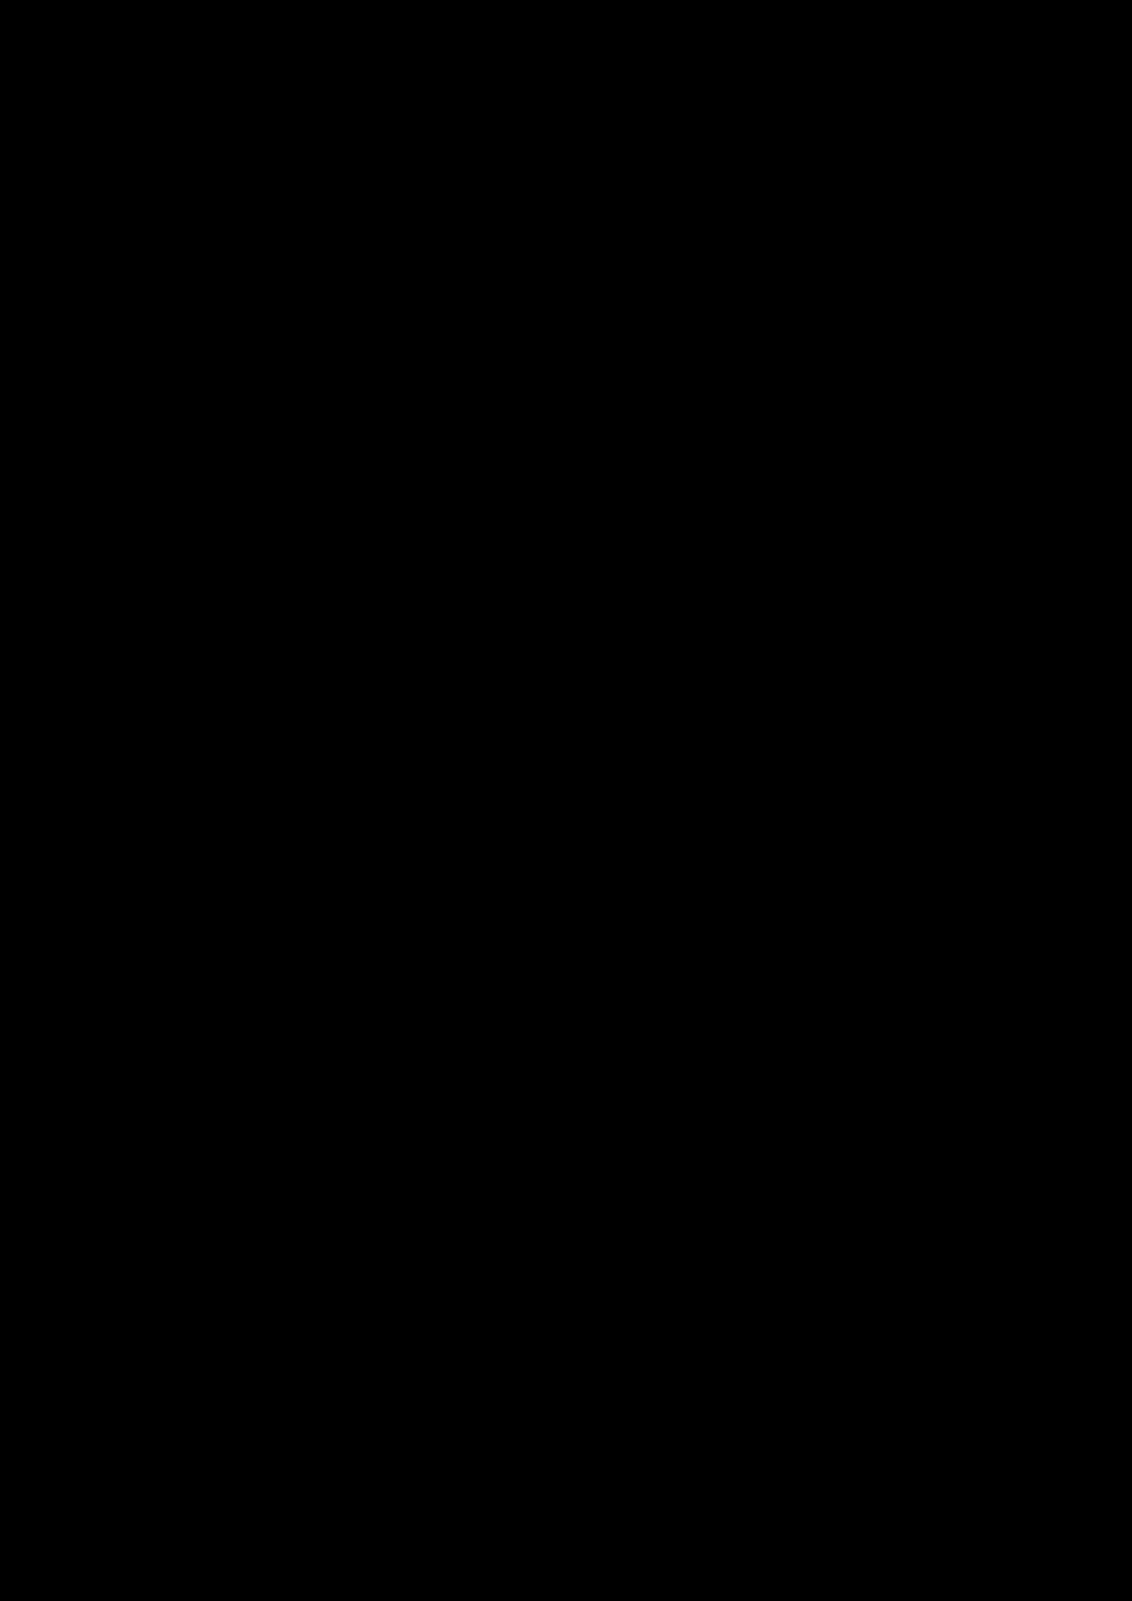 Prolog slide, Image 4